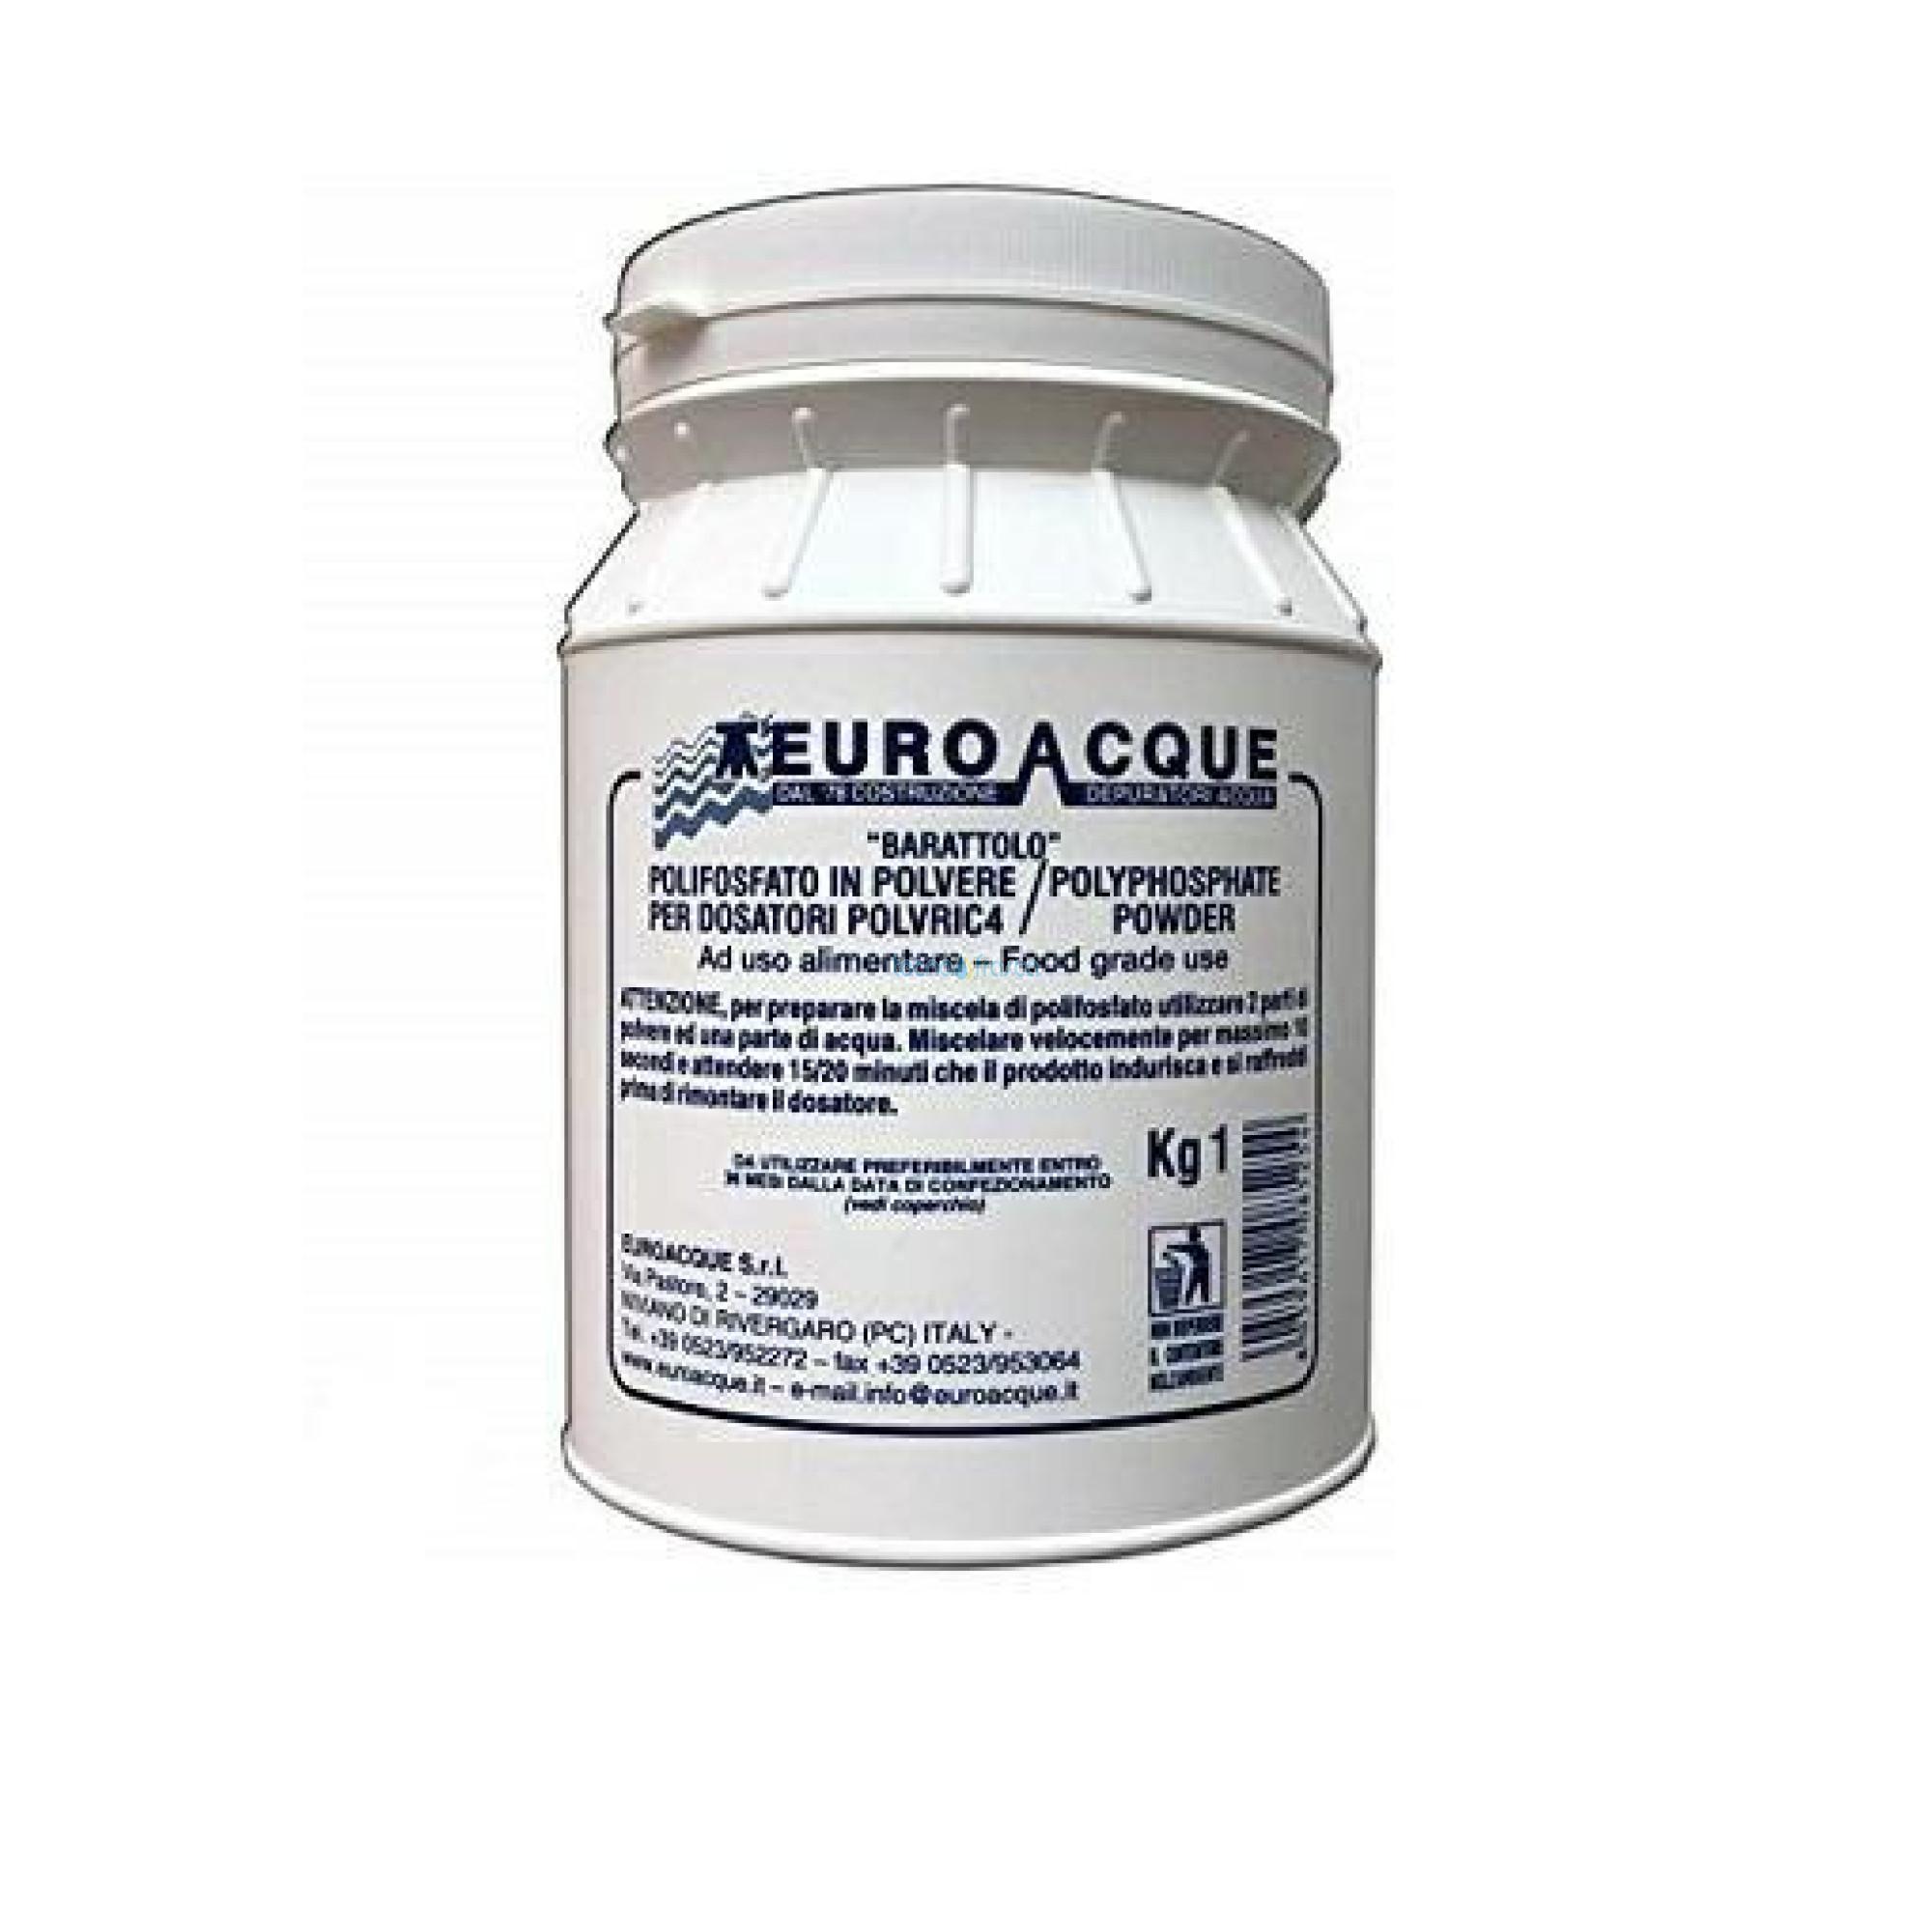 Polvere di ricambio dosatori 1kg polvric4